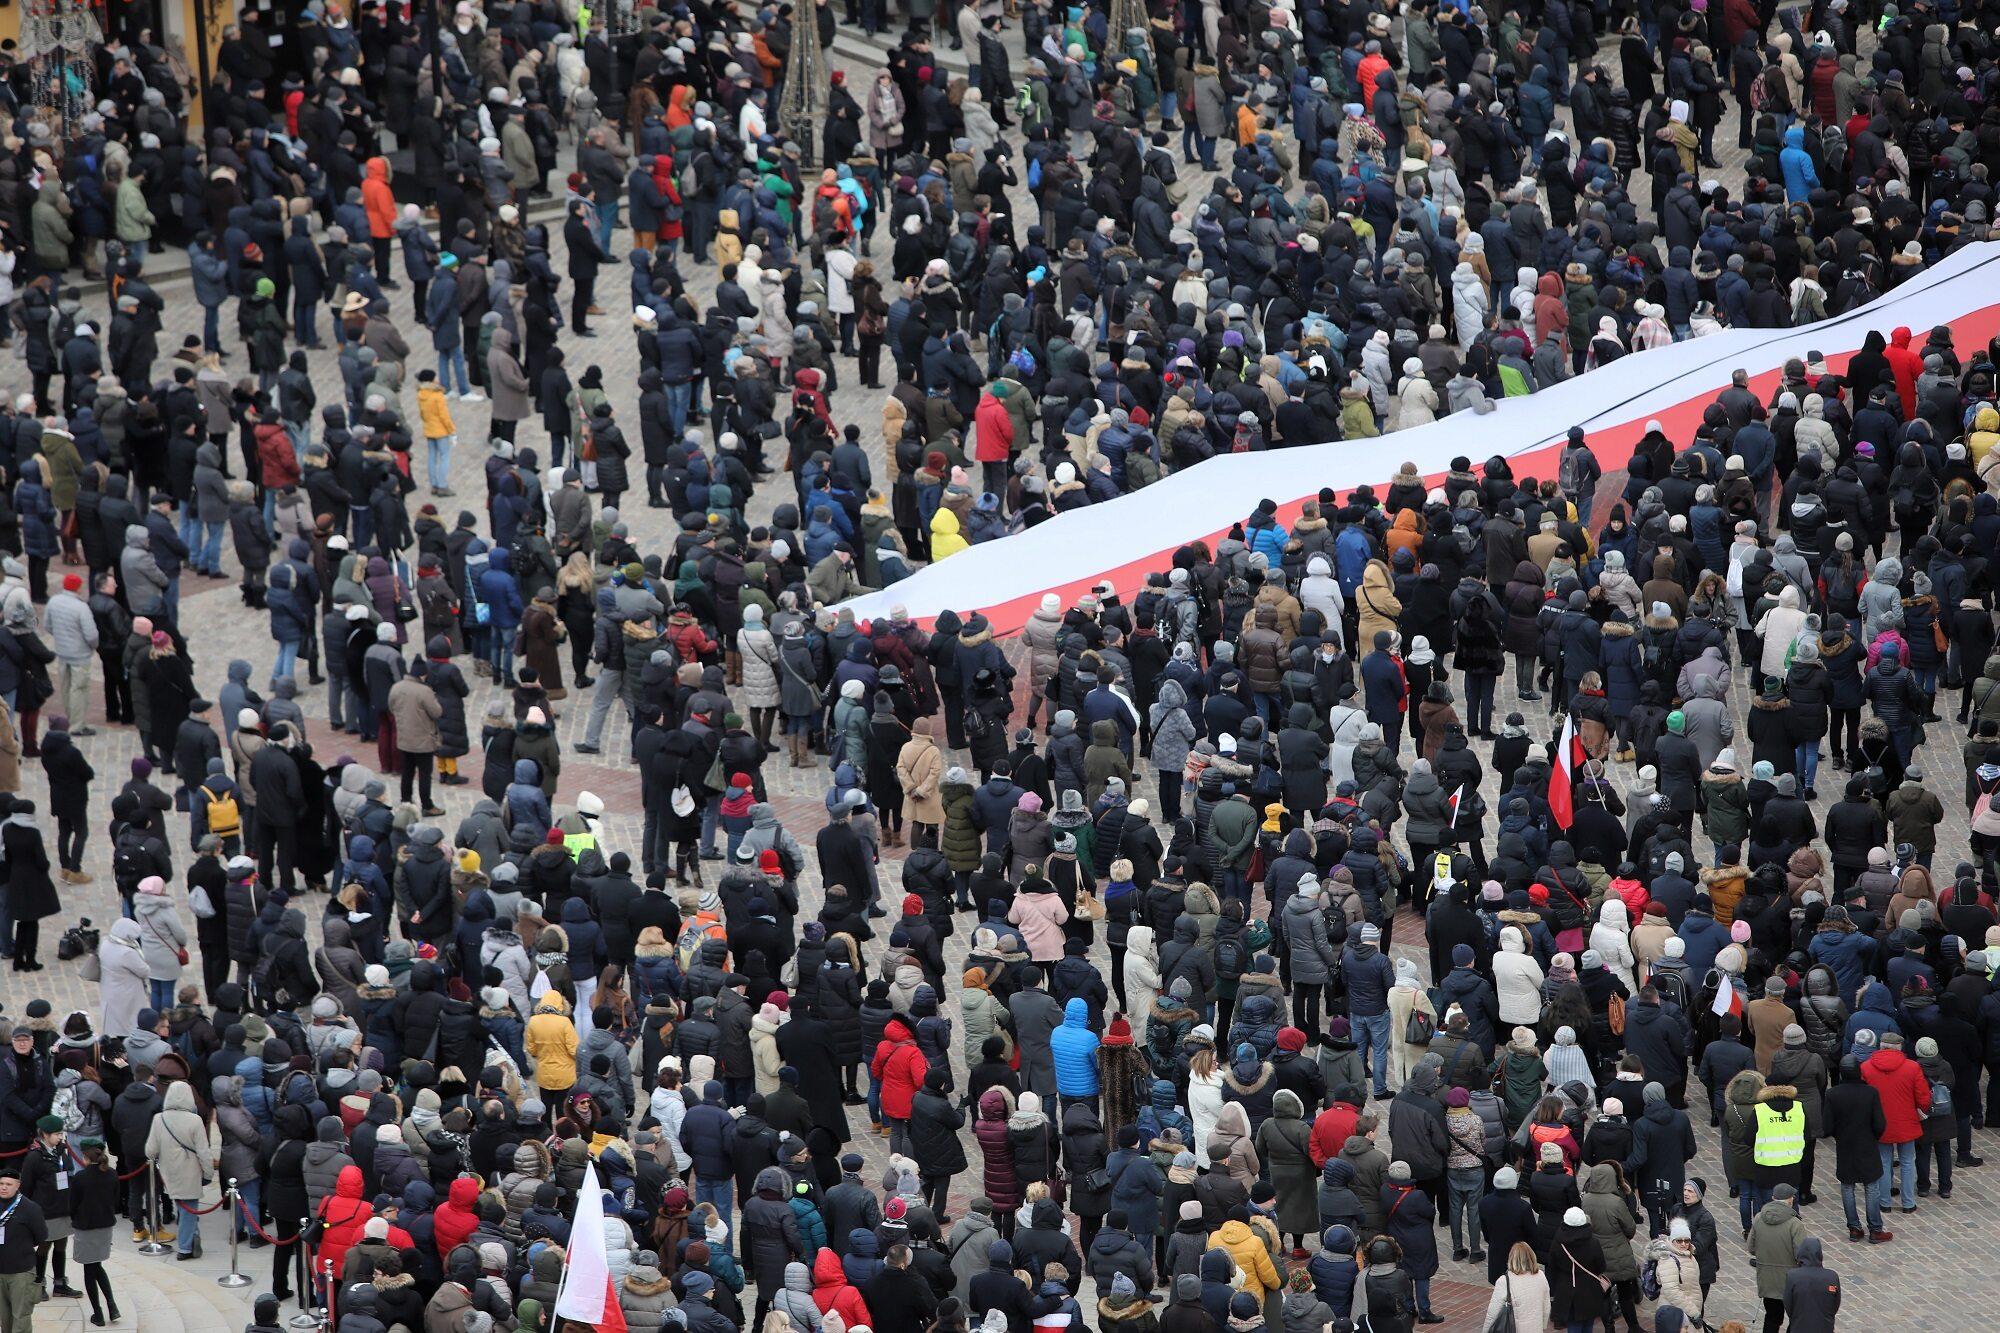 Na Placu Zamkowym został ustawiony ekran umożliwiający mieszkańcom Warszawy obejrzenie transmisji uroczystości pogrzebowych Pawła Adamowicza.